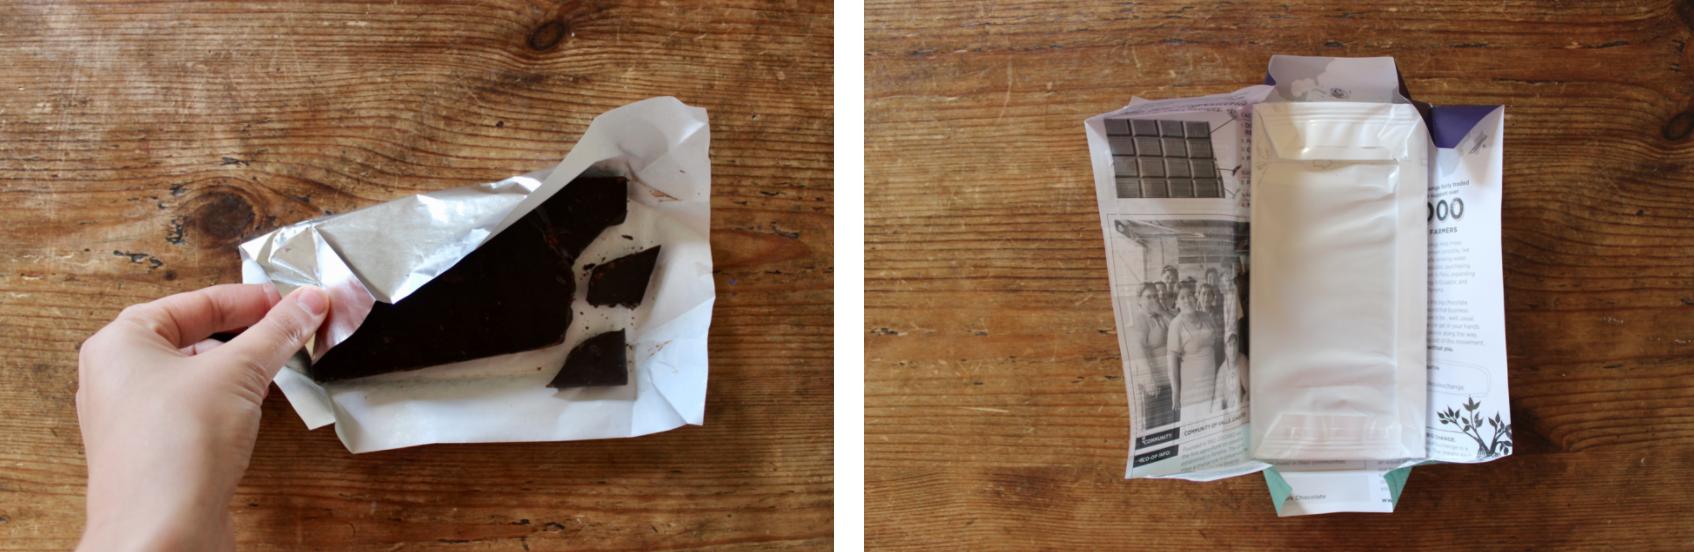 How to buy zero waste chocolate | Litterless